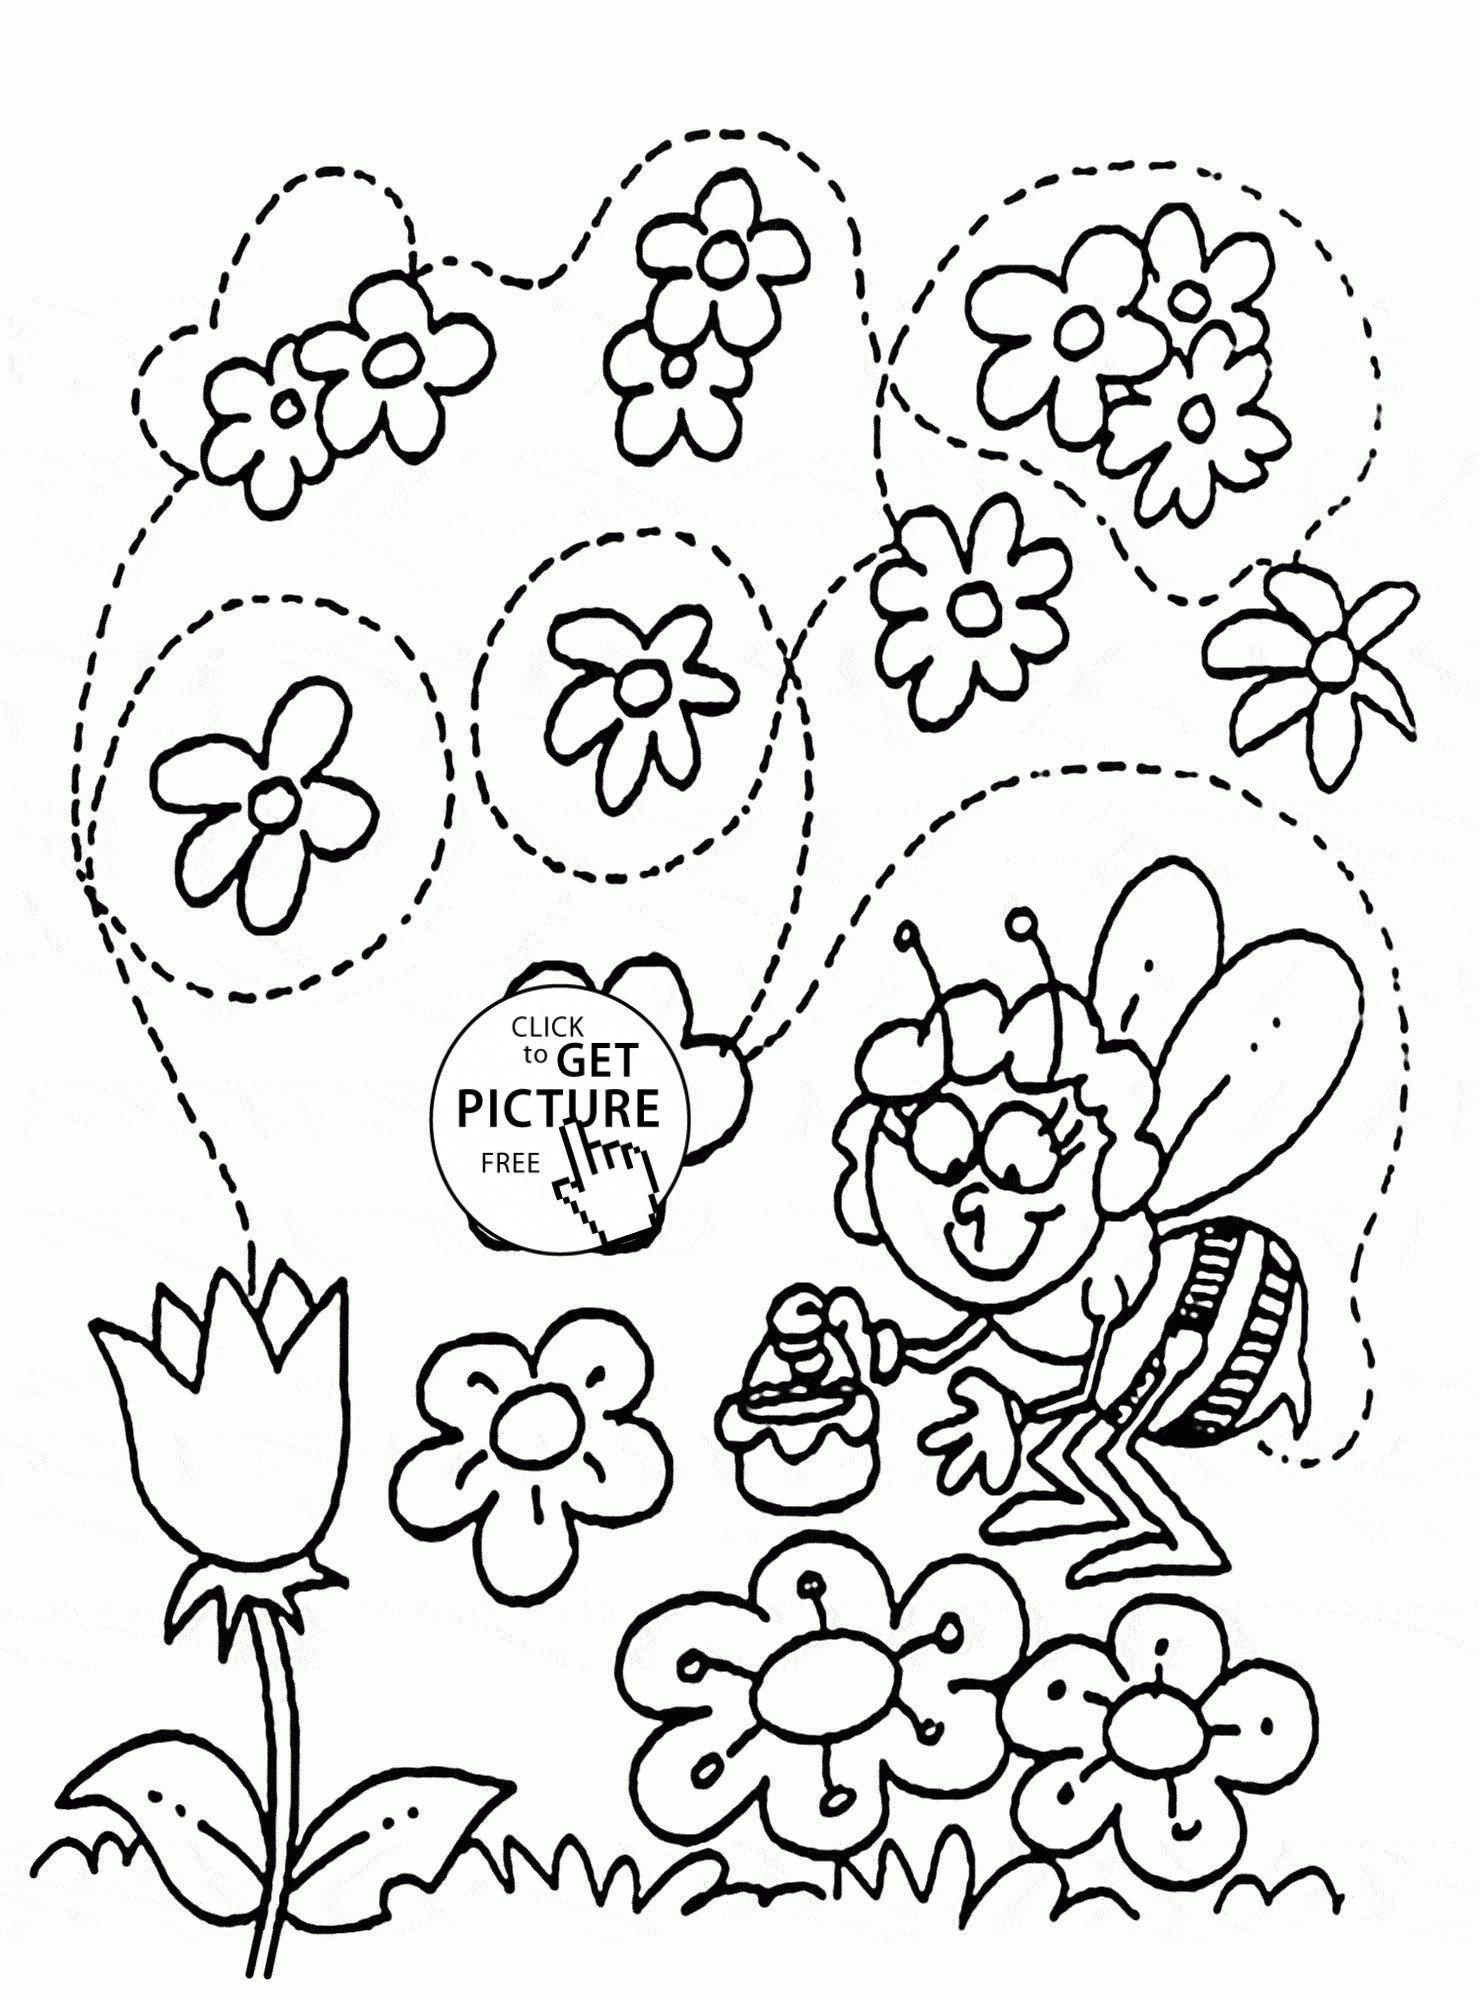 3 Spring Flowers Worksheet Printable Funny Bee And Flowers